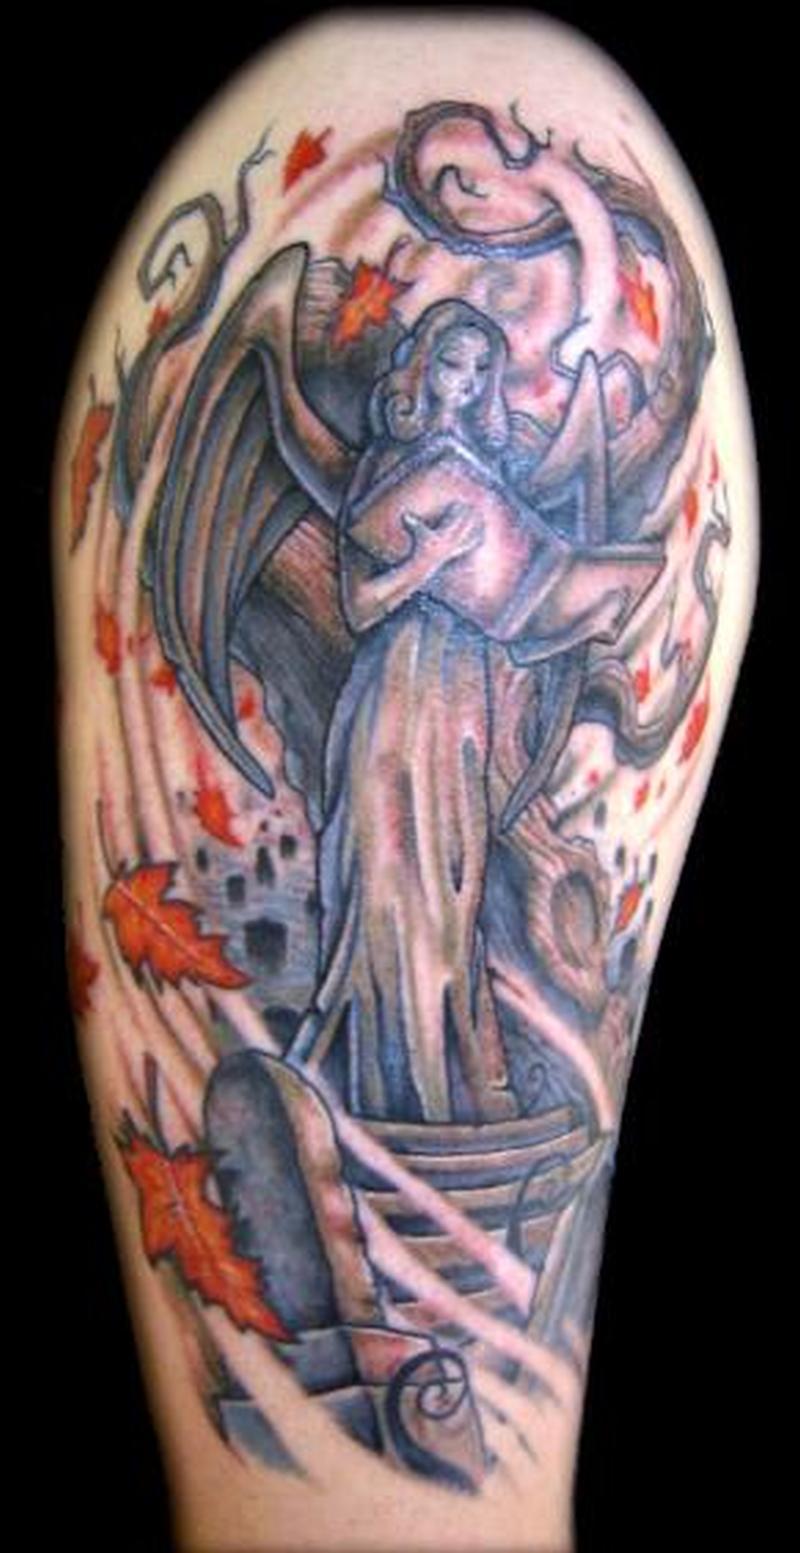 Graveyard angel on shoulder tattoo